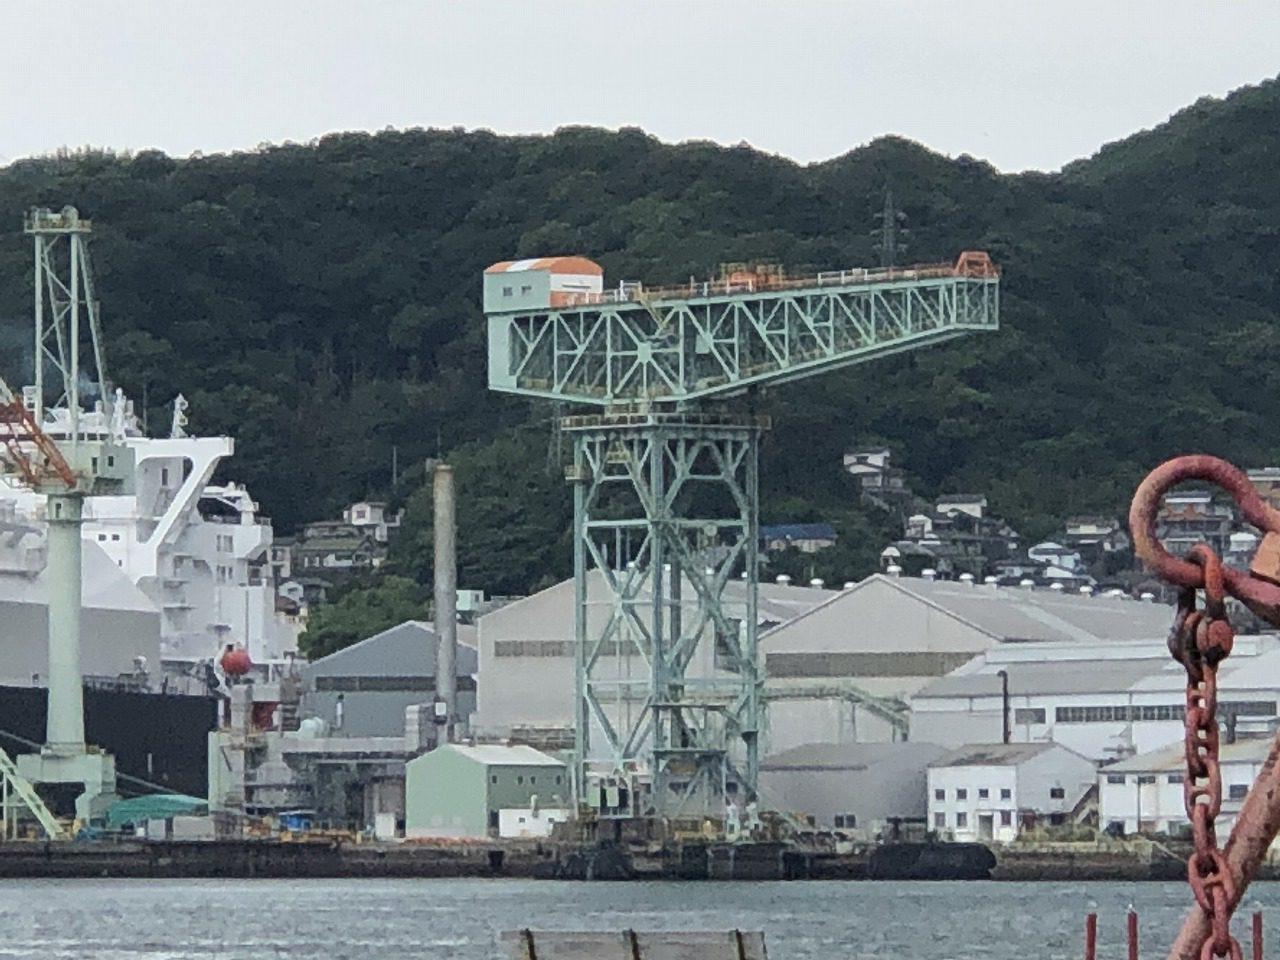 【長崎探訪】長崎の造船所見学ツアーに行ってみた